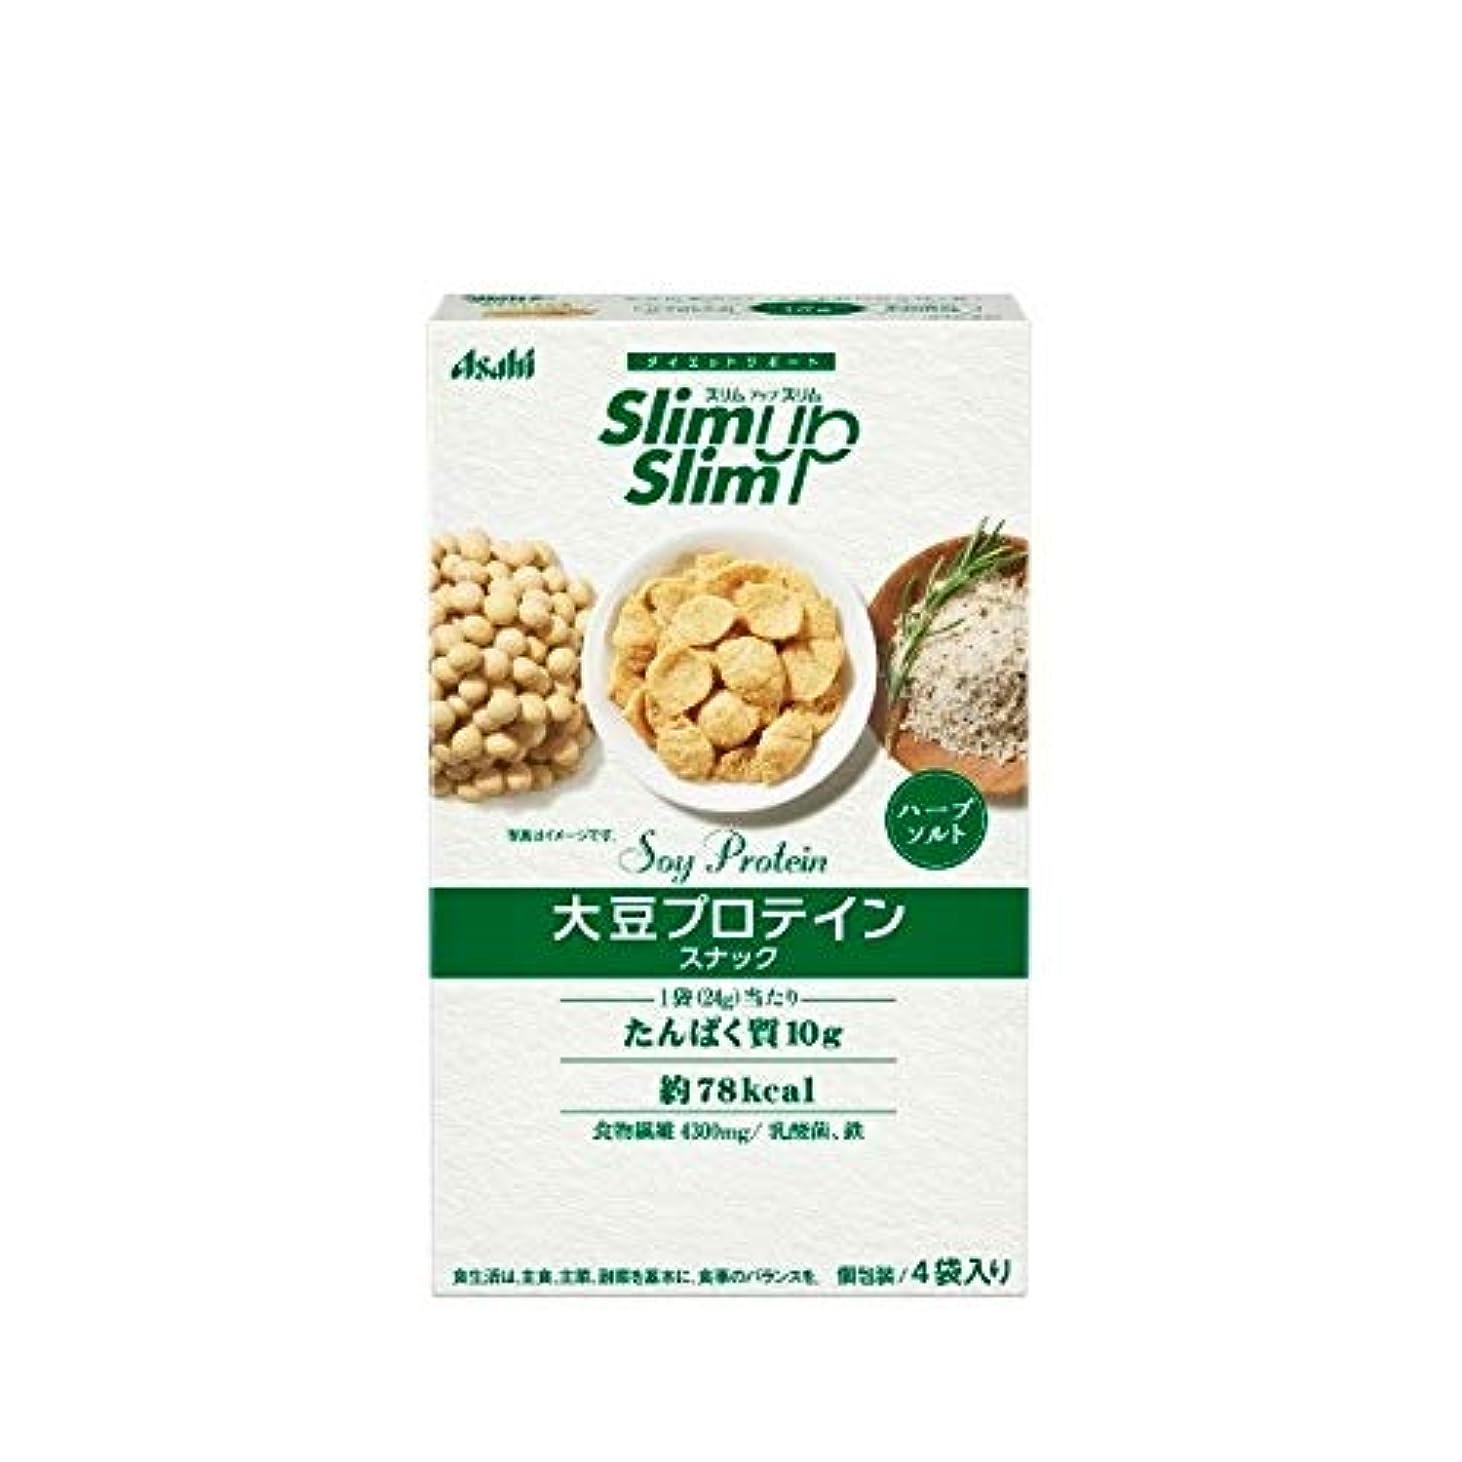 男らしさ殺します宿泊施設アサヒグループ食品 スリムアップスリム 大豆プロテインスナック(ハーブソルト) 80g(20g×4袋)